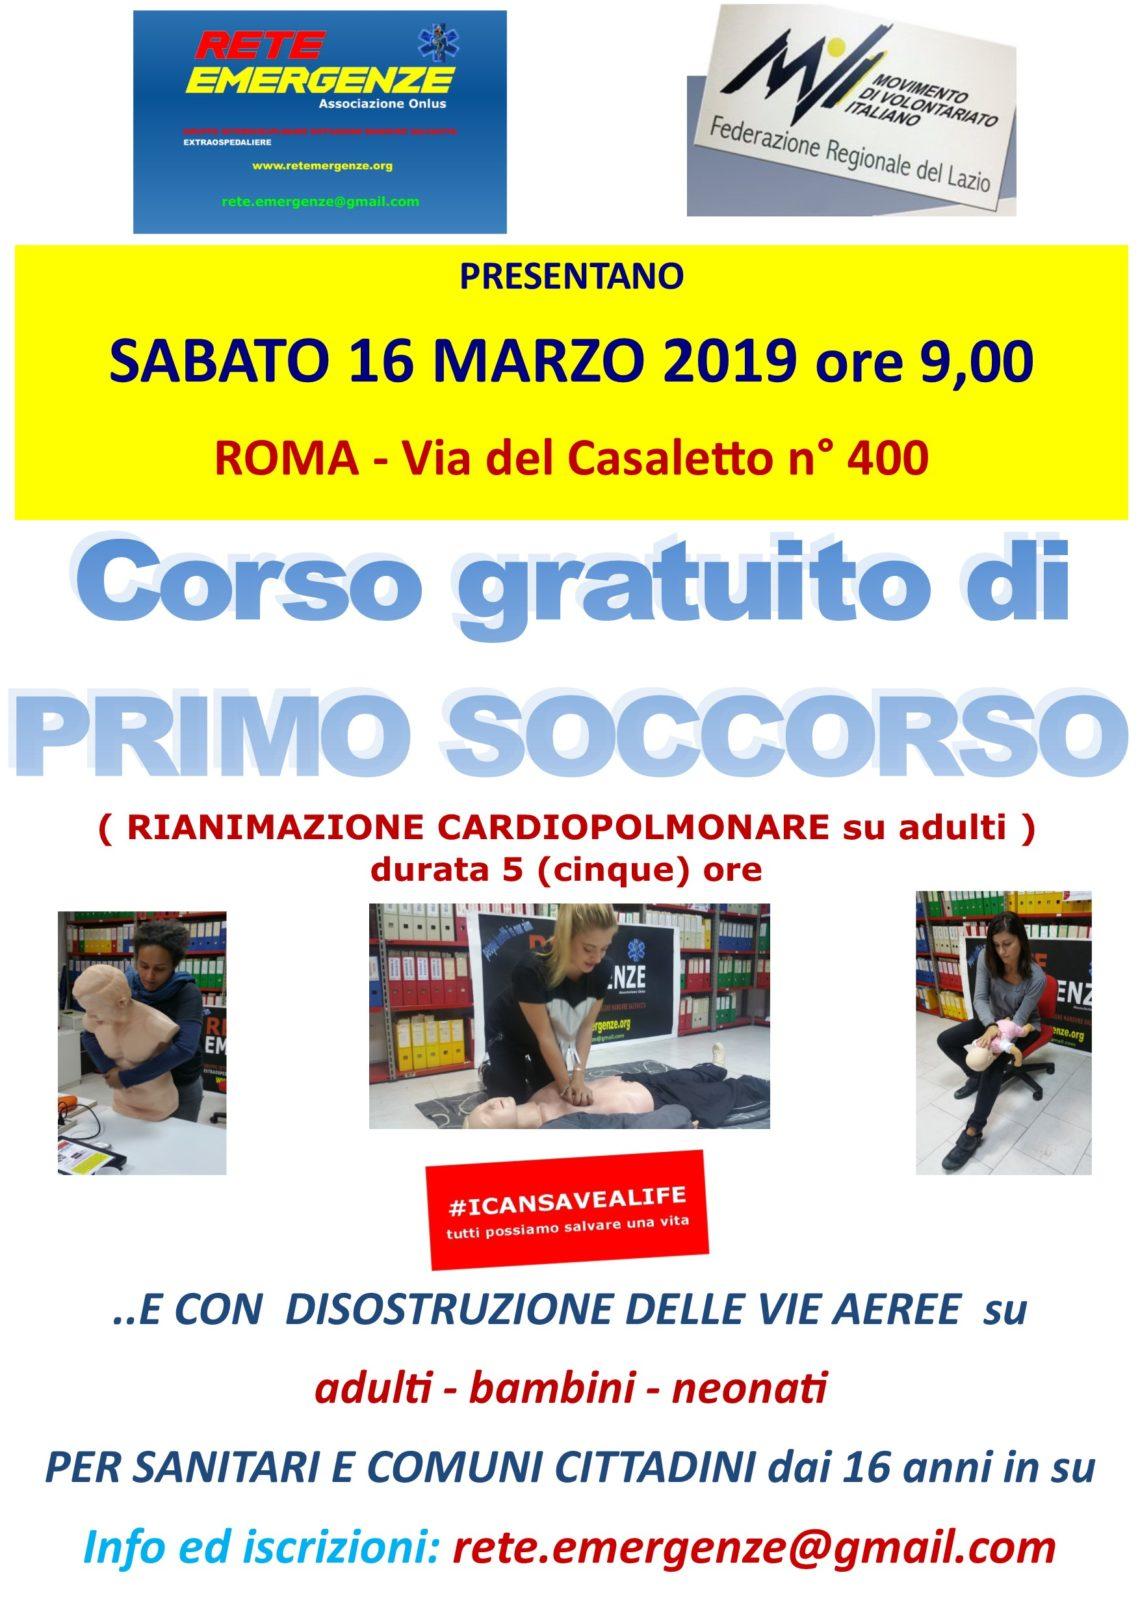 SABATO 16 MARZO 2019 a Roma Corso GRATUITO di Primo Soccorso, (Rianimazione cardiopolmonare su adulti)